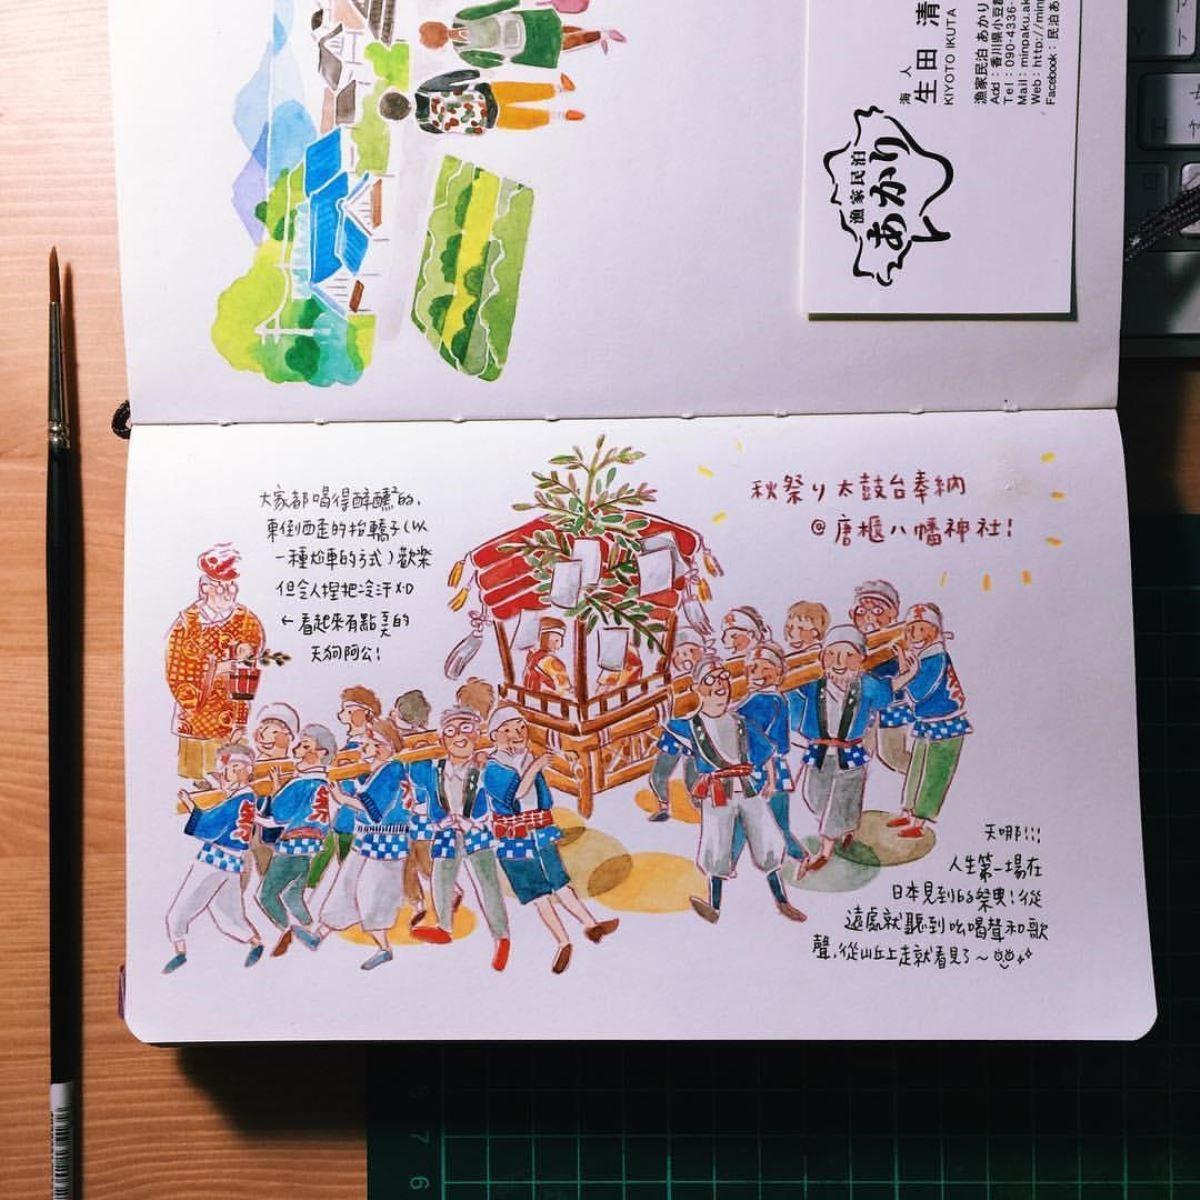 壘摳的手帳插畫(壘摳提供)